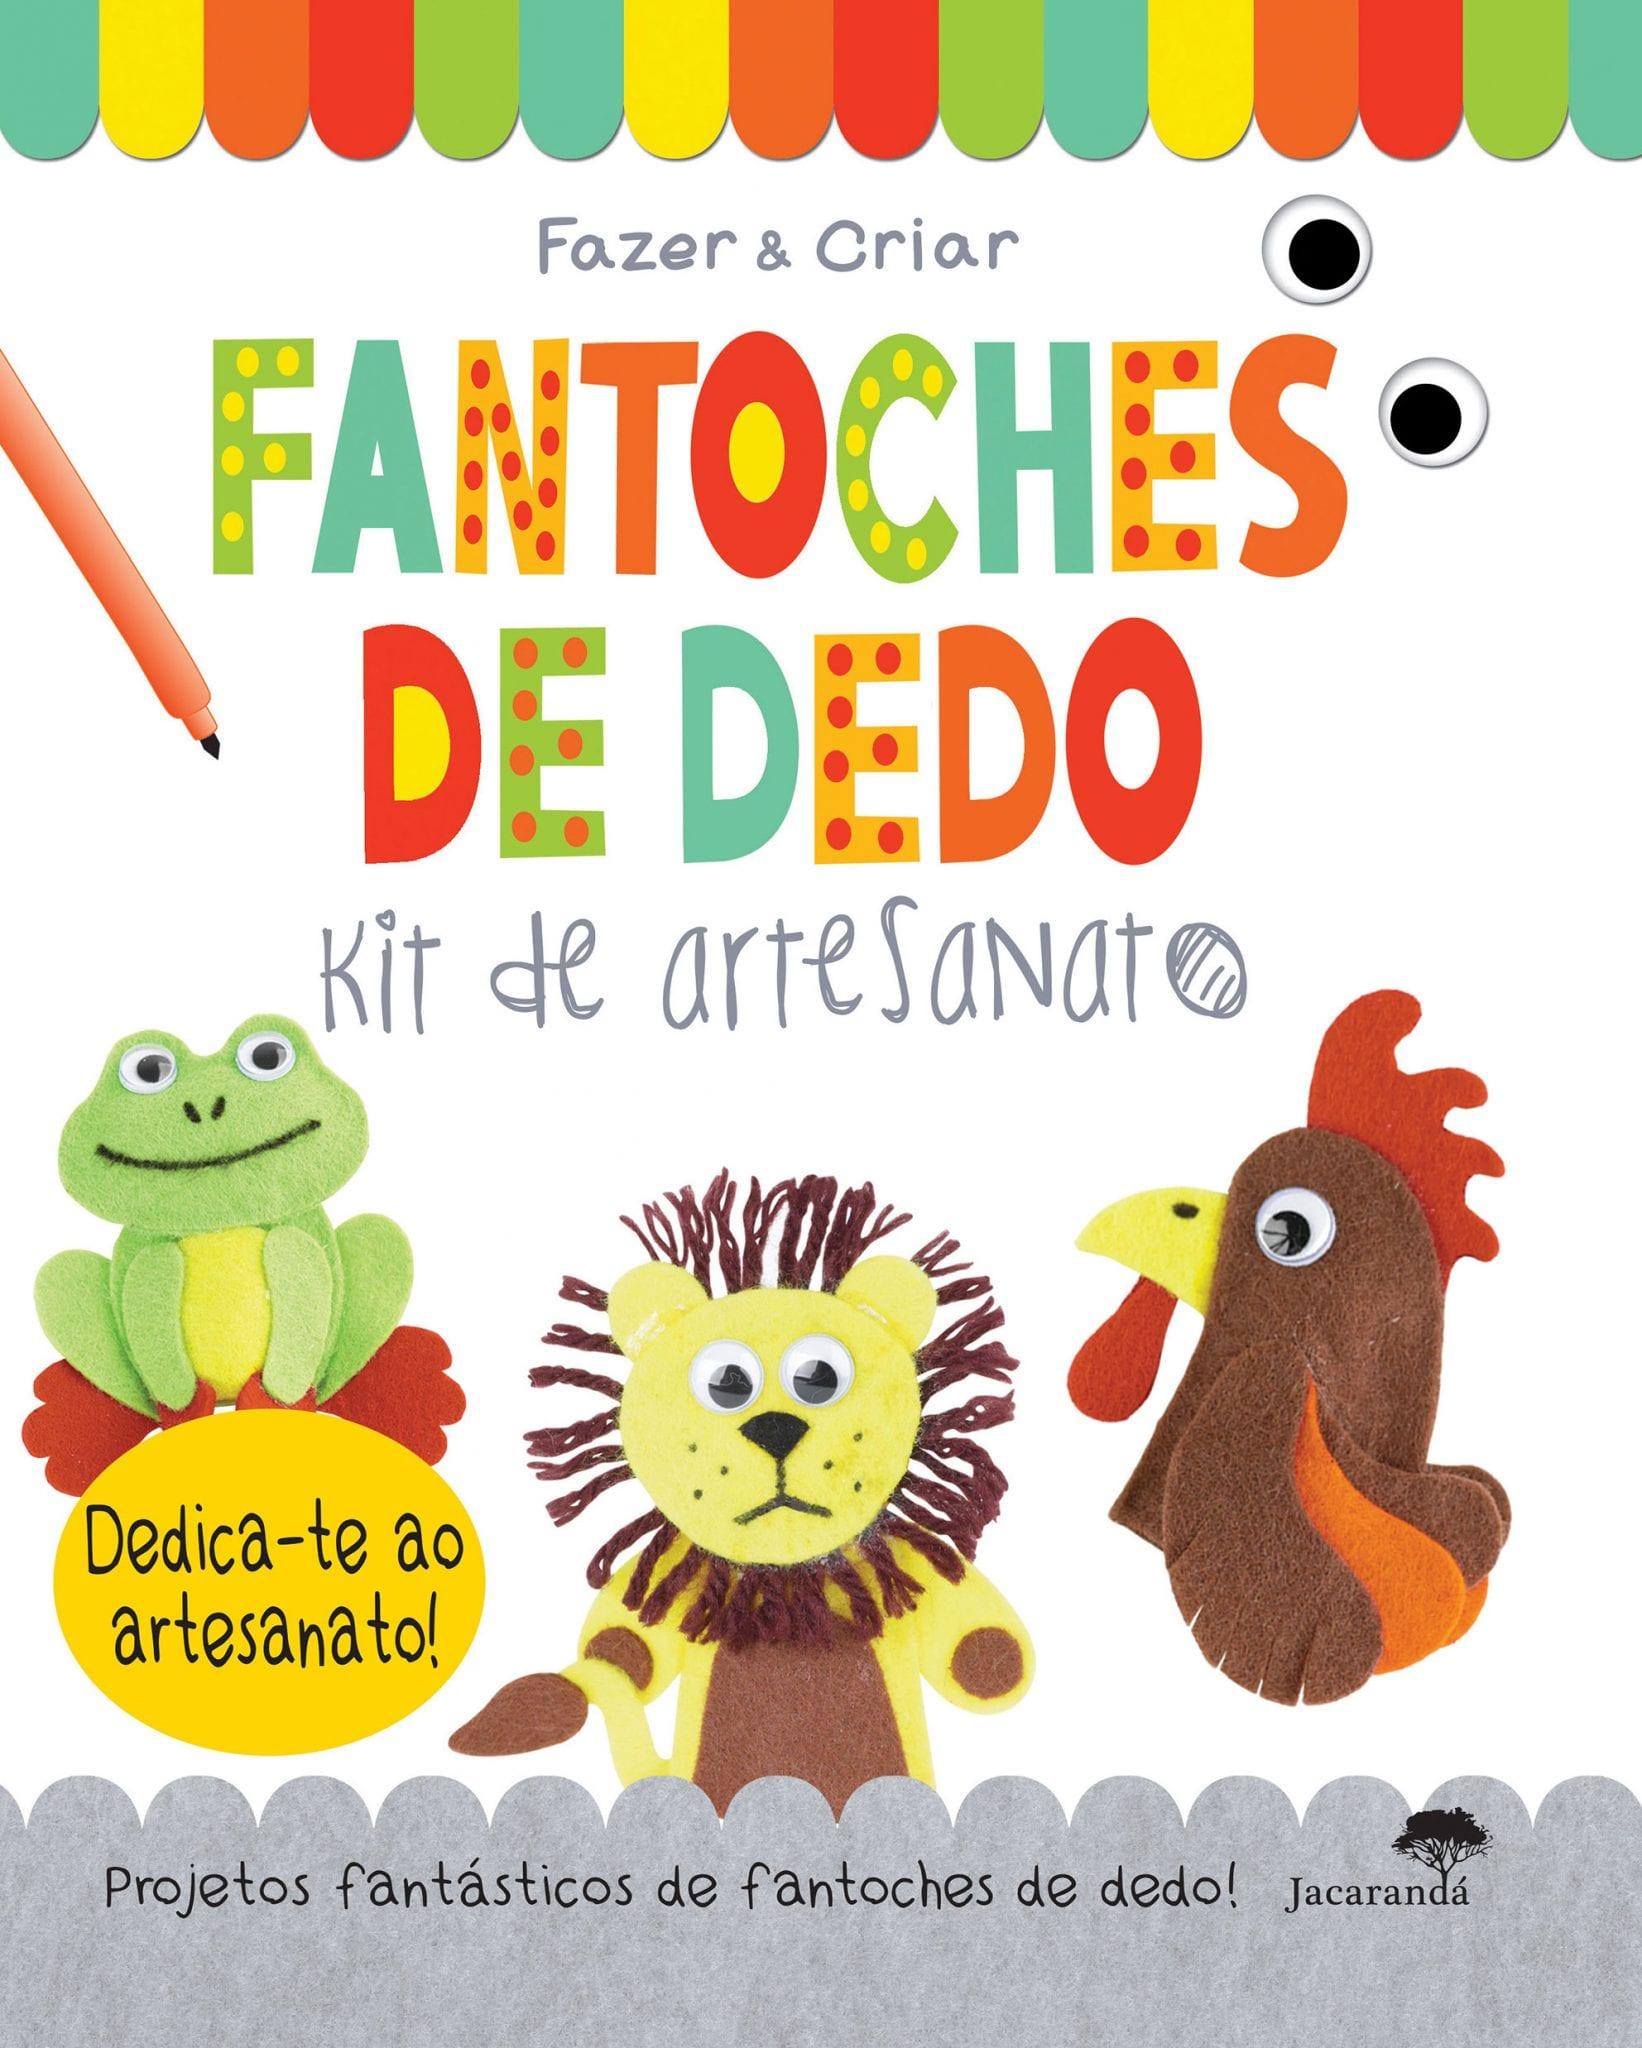 Fantoches_de_dedo